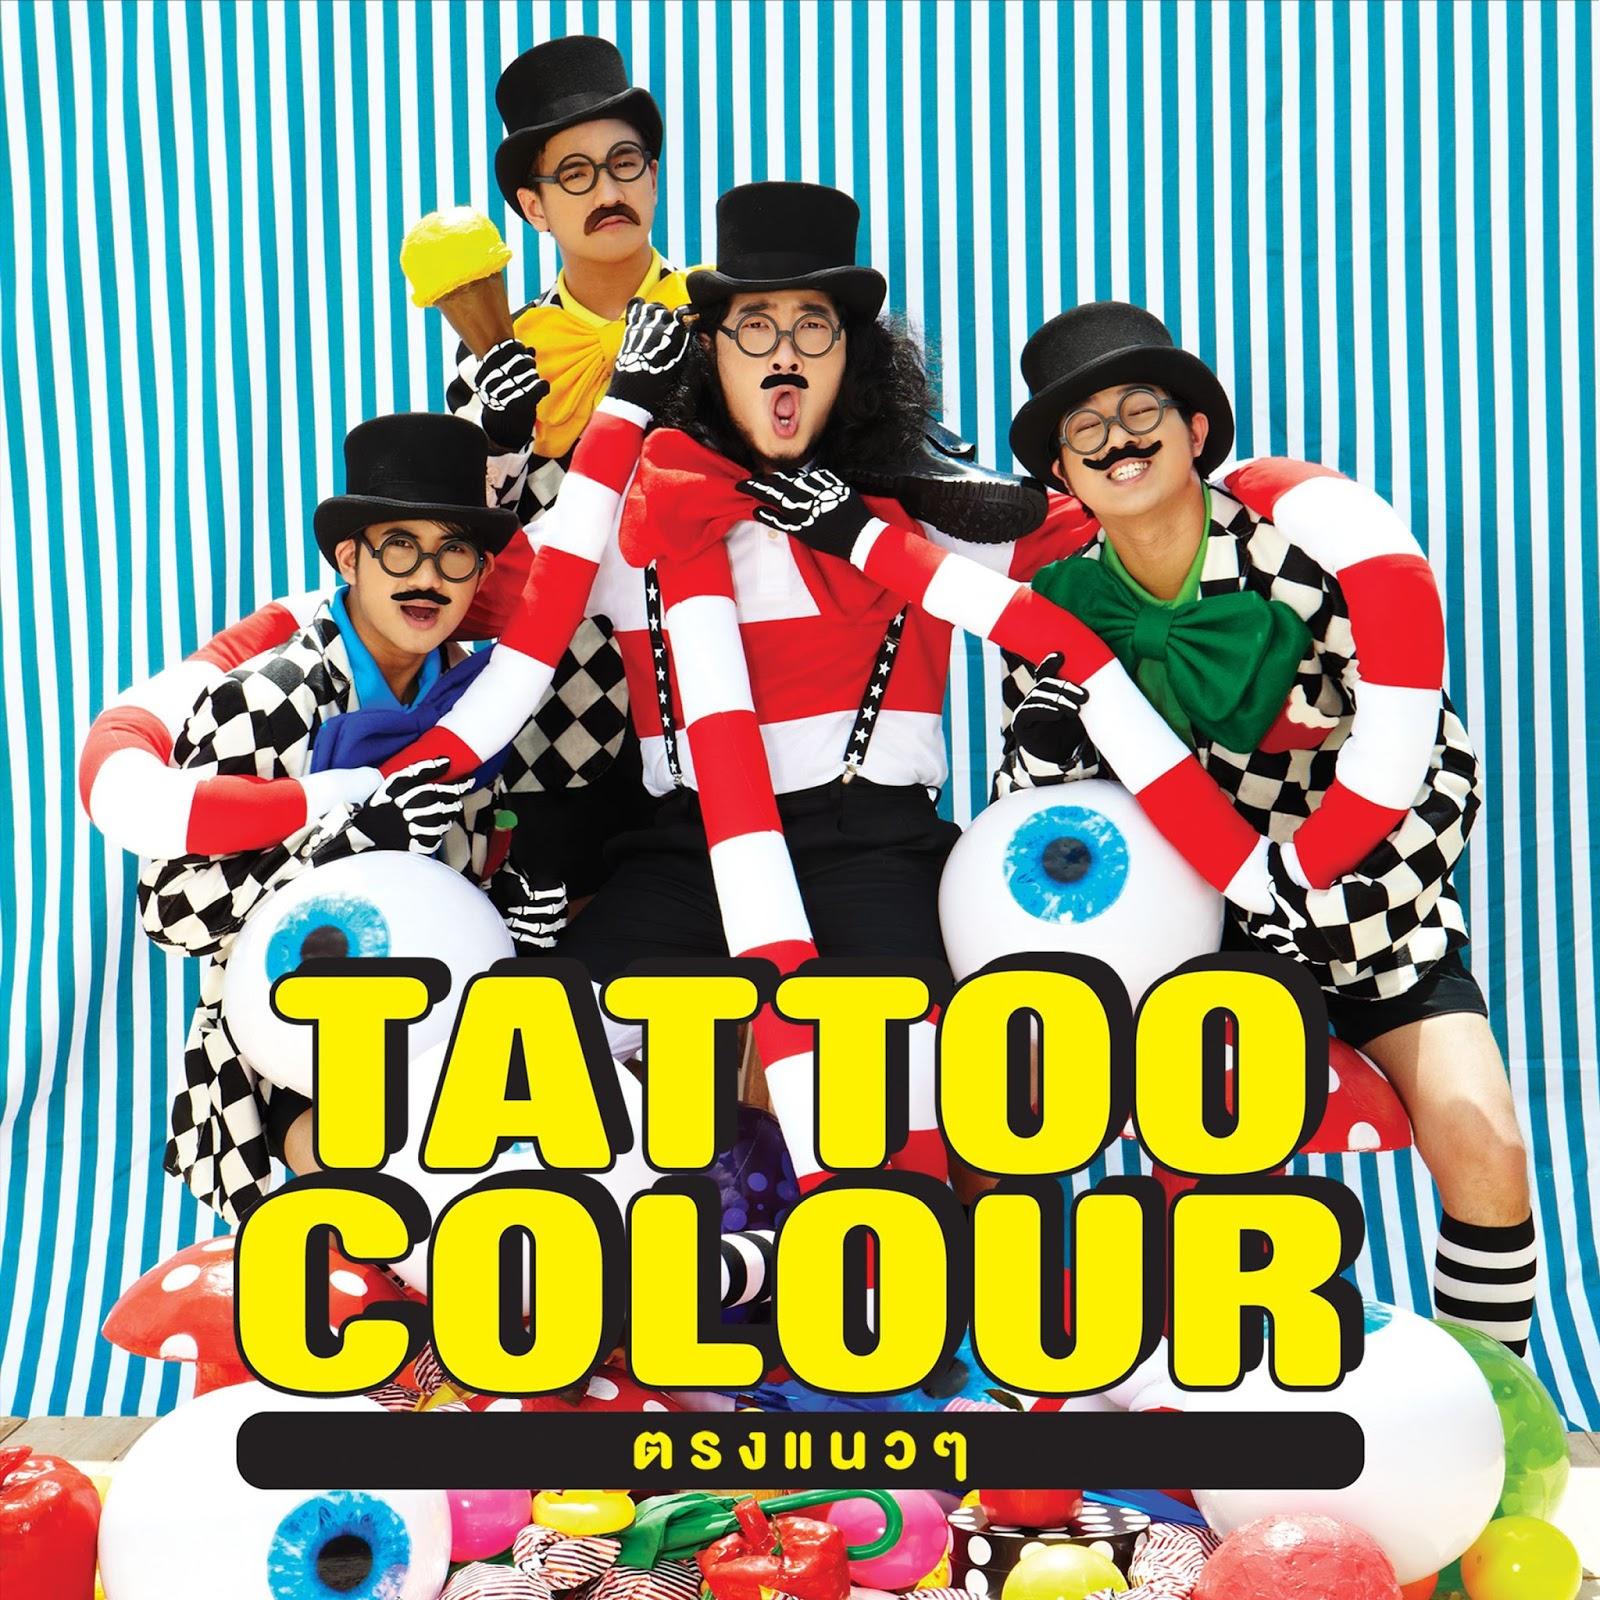 ตรงแนว Tattoo Colour